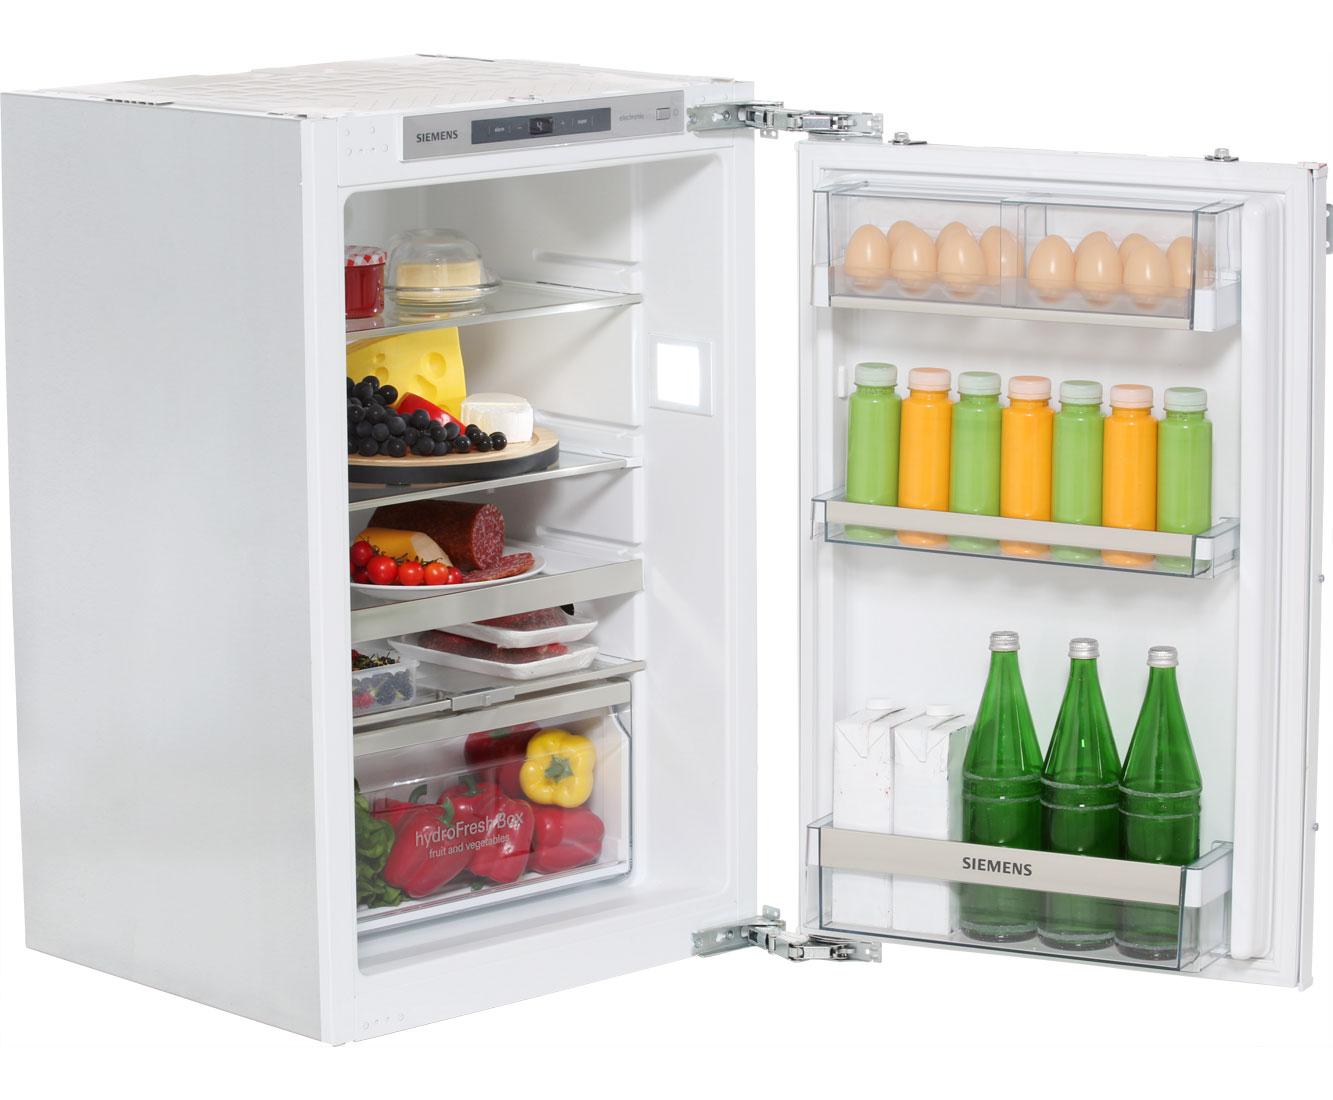 Siemens Kühlschrank Silber : Kühlschrank edelstahl freistehend siemens siemens kg vvl